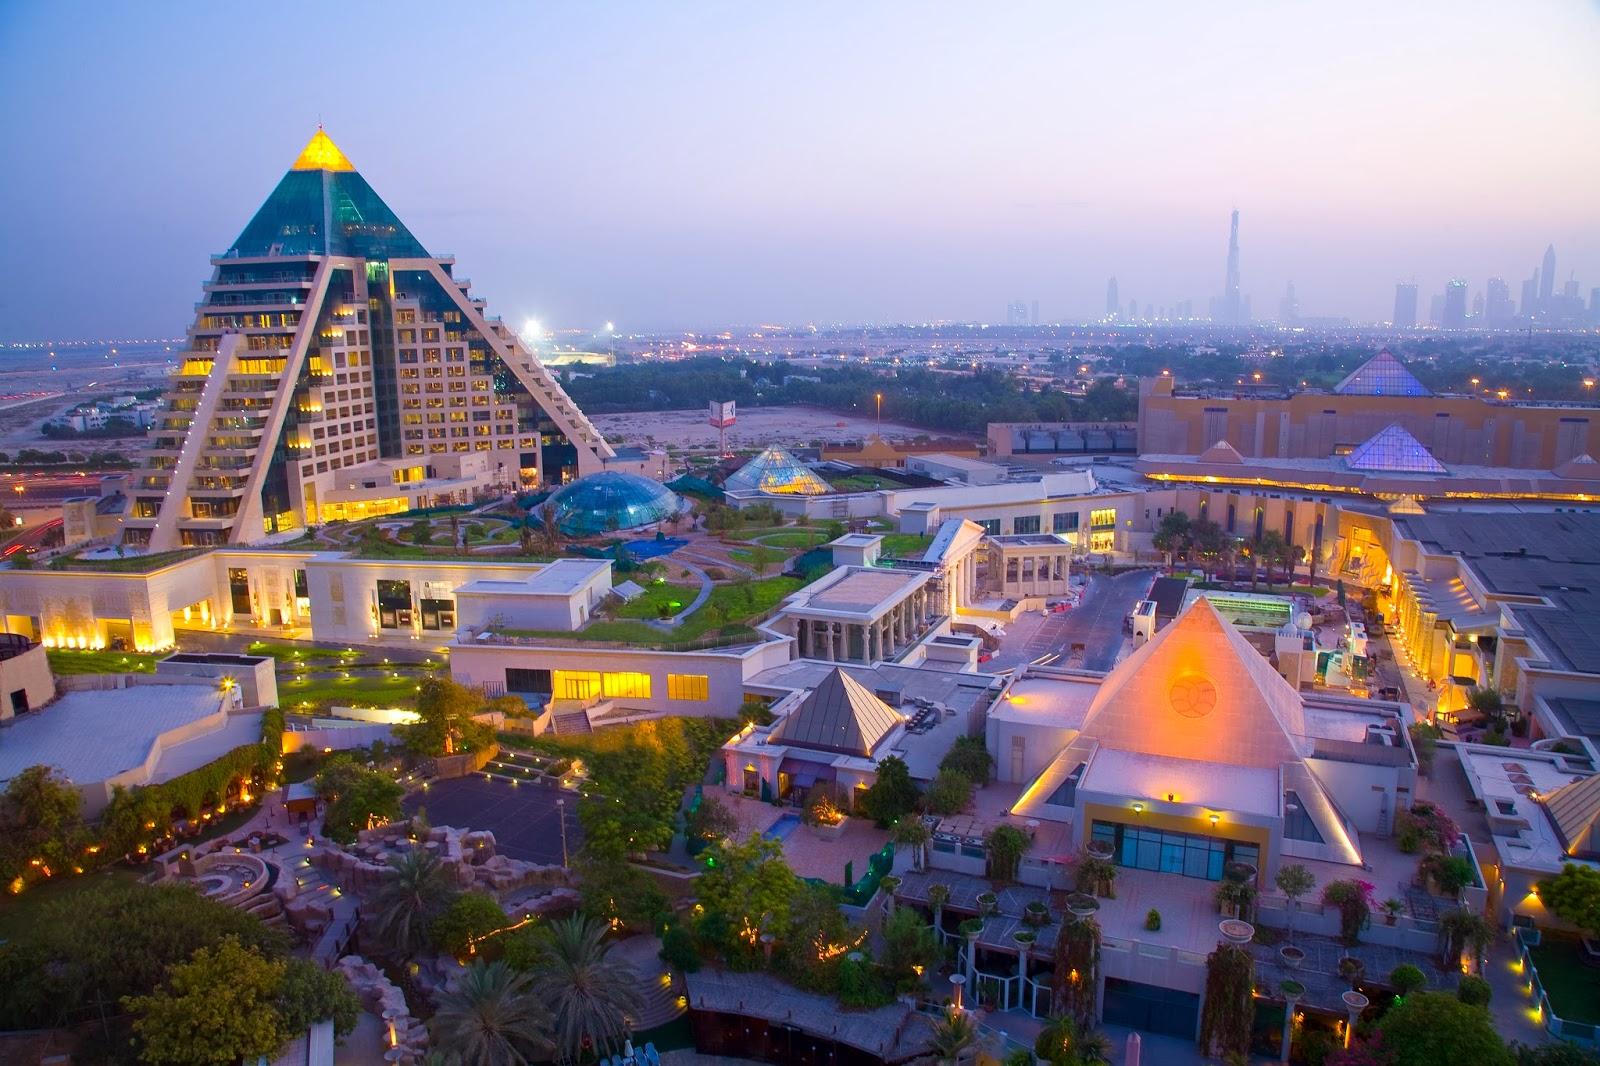 http://www.babylovestotravel.com/wp-content/uploads/2012/03/WAFI-Mall-Dubai.jpg